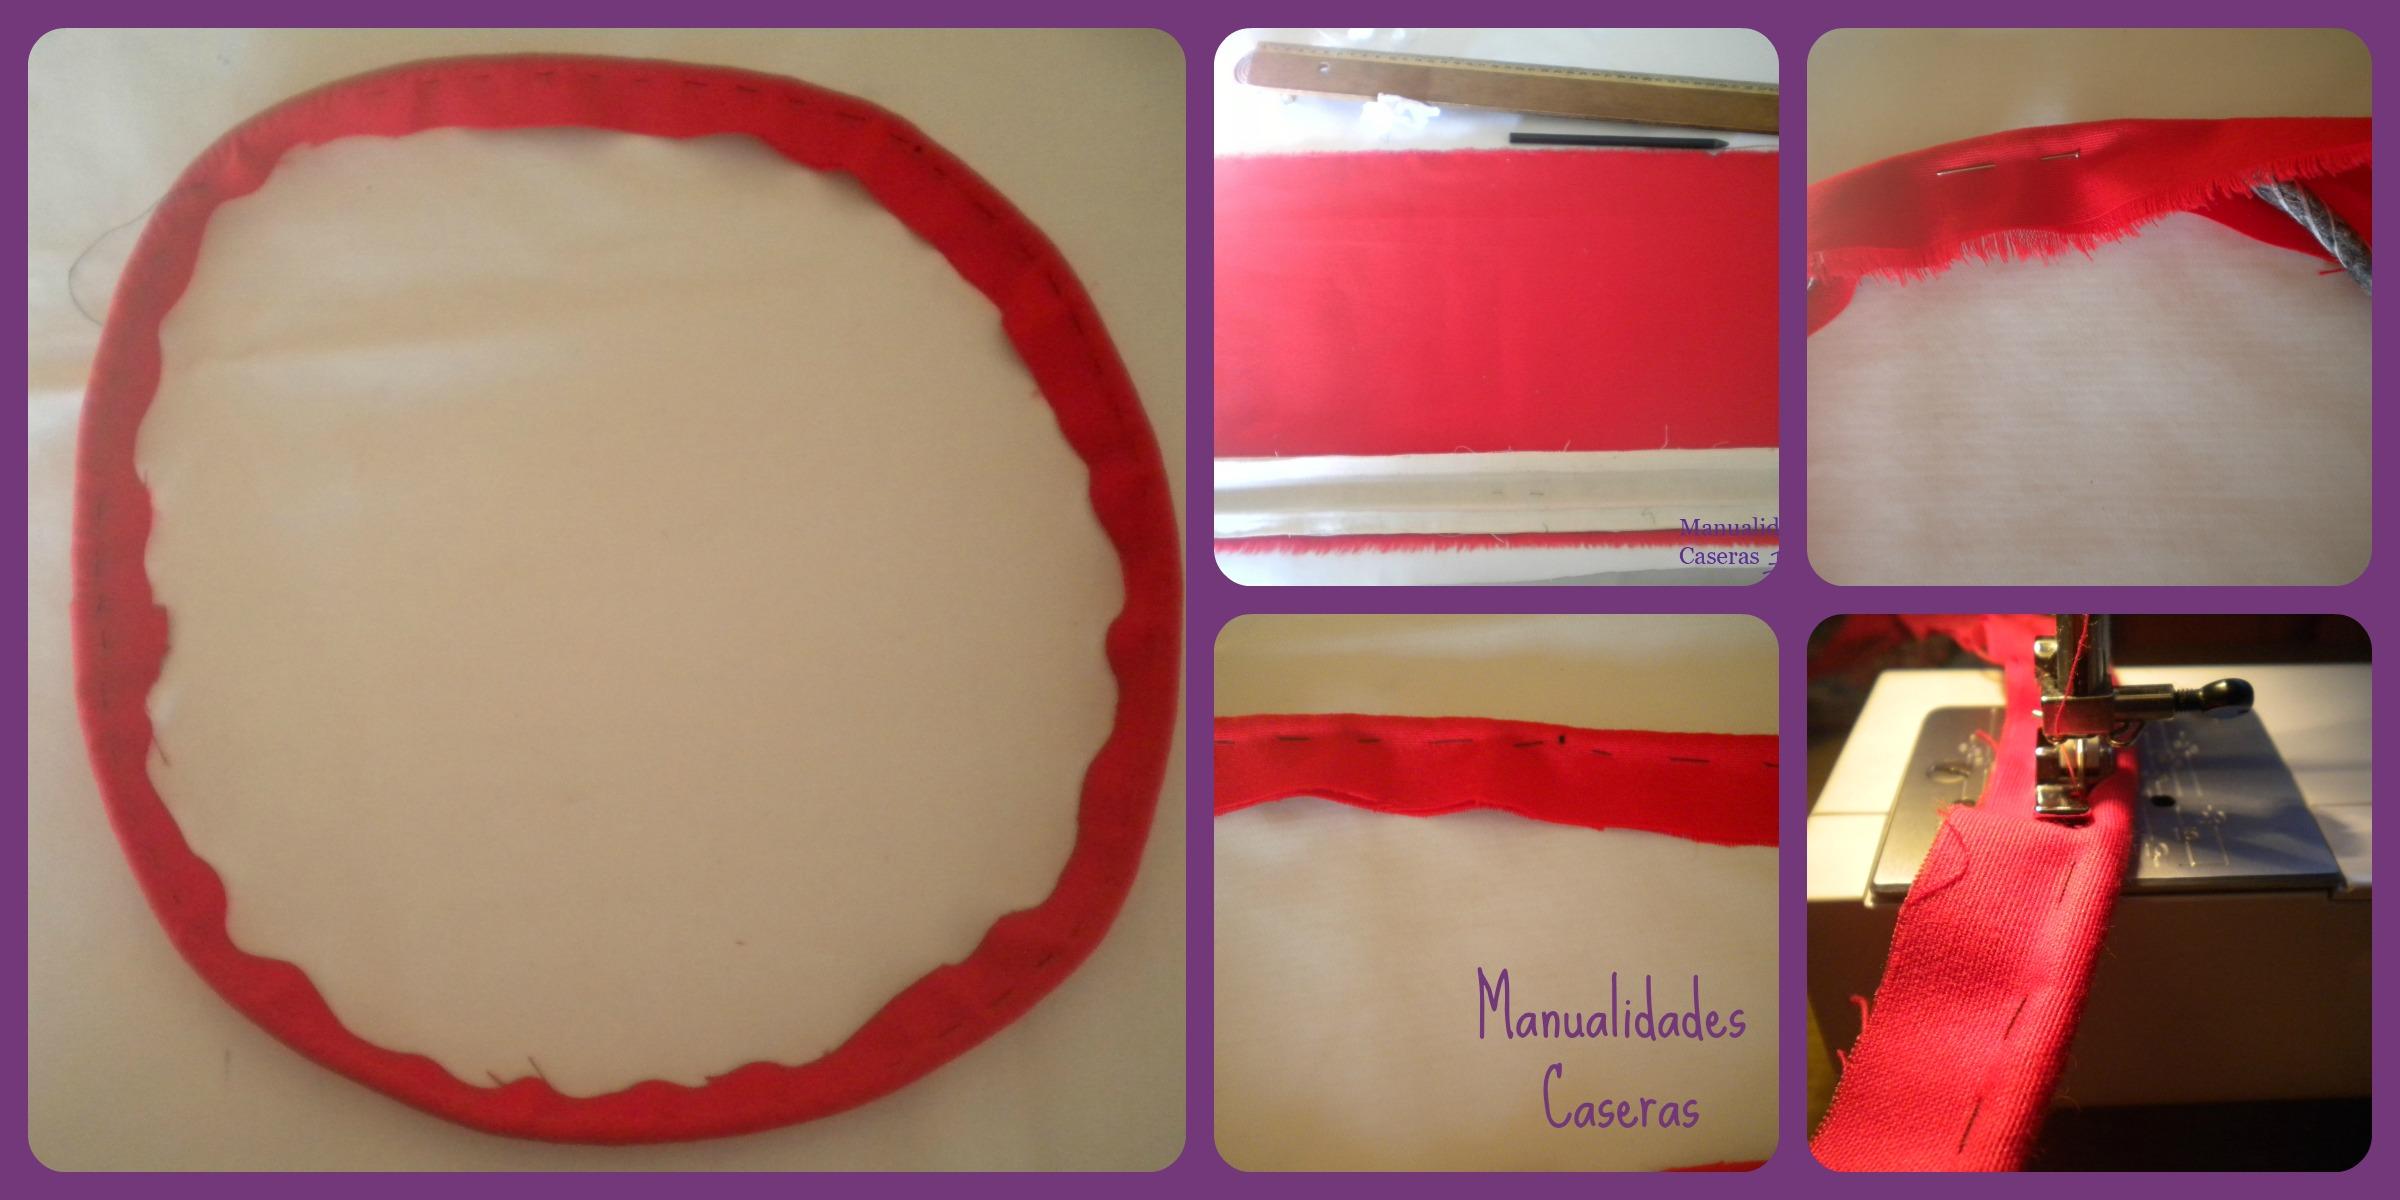 Manualidades Caseras Inma_ restauración de un taburete_ como hacer el cordón rojo del filo